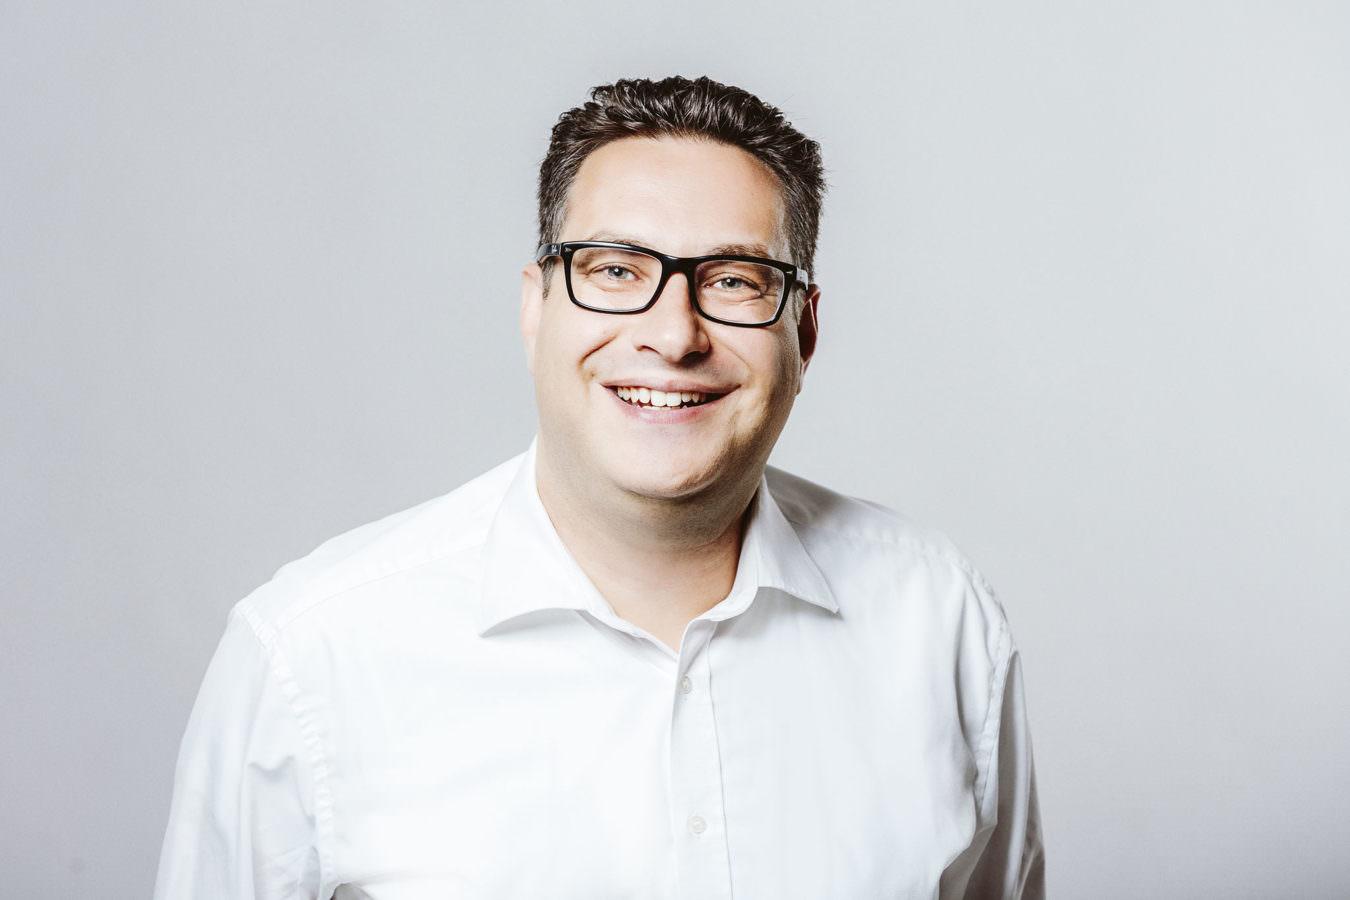 Bewerbungsfotos Mainz mit einem Brillenträger in modernem, schlichten Look